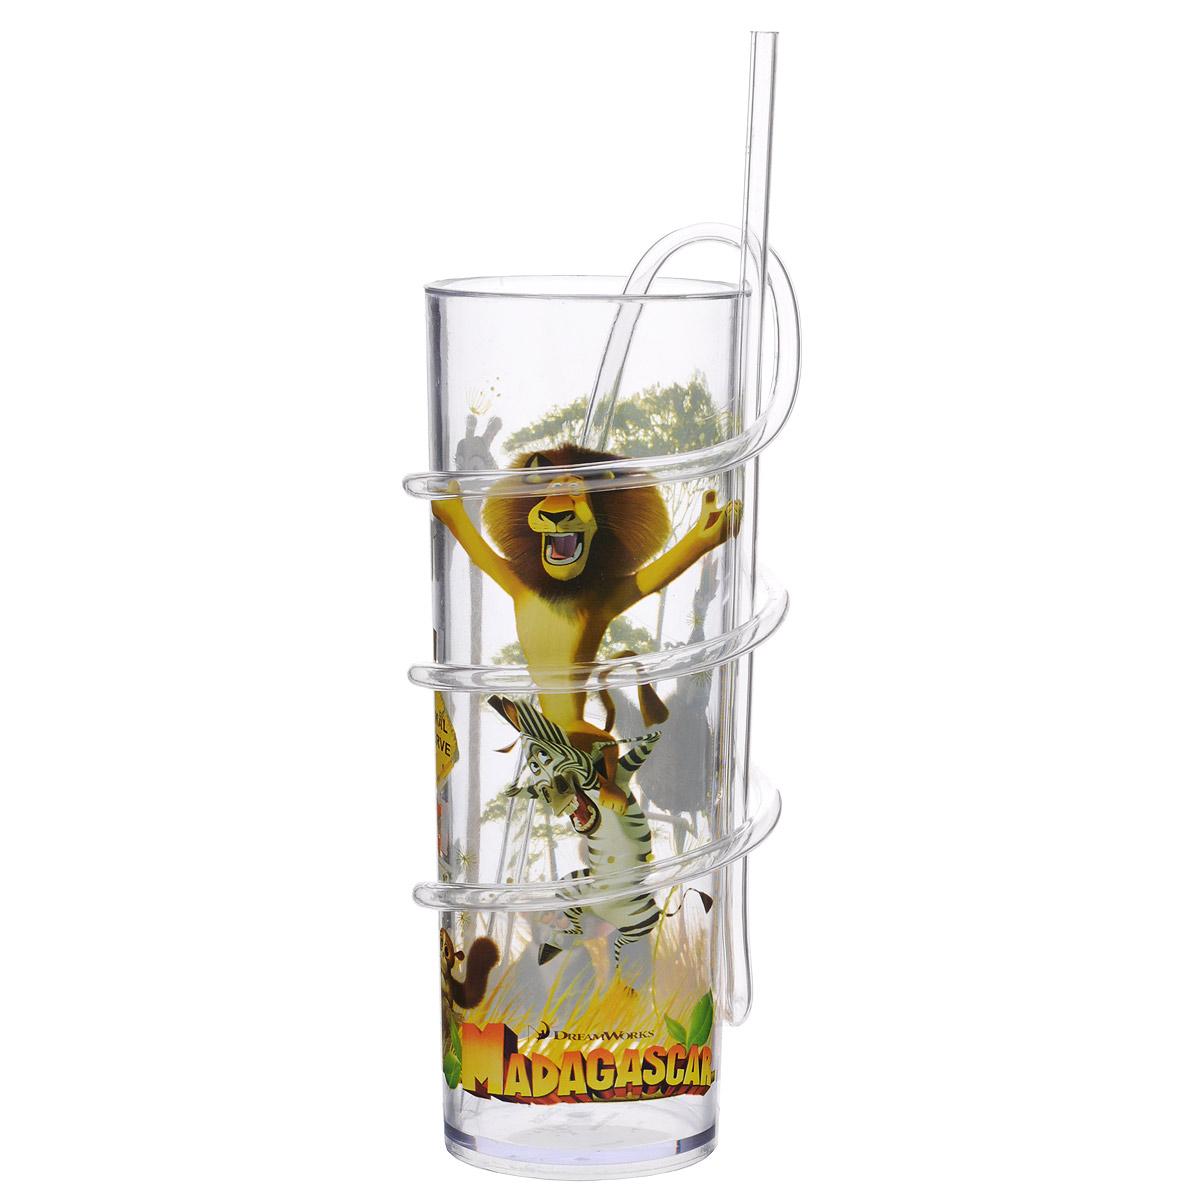 Бокал Dreamworks Мадагаскар, с витой соломинкой, 330 мл535MD1Бокал Dreamworks Мадагаскар изготовлен из прозрачного пищевого пластика, имитирующего стекло. Это очень удобно и безопасно, так как пластик не бьется. Изделие декорировано красочным изображением героев мультфильма Мадагаскар, что обязательно понравится малышу и сделает бокал его самым любимым. Съемная витая соломинка позволяет вдоволь насладиться любимым или не очень напитком, превратив все в игру, ведь так интересно наблюдать, как жидкость проходит через всю соломинку. Бокал подходит холодных и горячих напитков до 85°С. Для детей от 3-х лет. Не рекомендуется ставить в СВЧ и мыть в посудомоечной машине. Изготовлено по лицензии Dream Works.